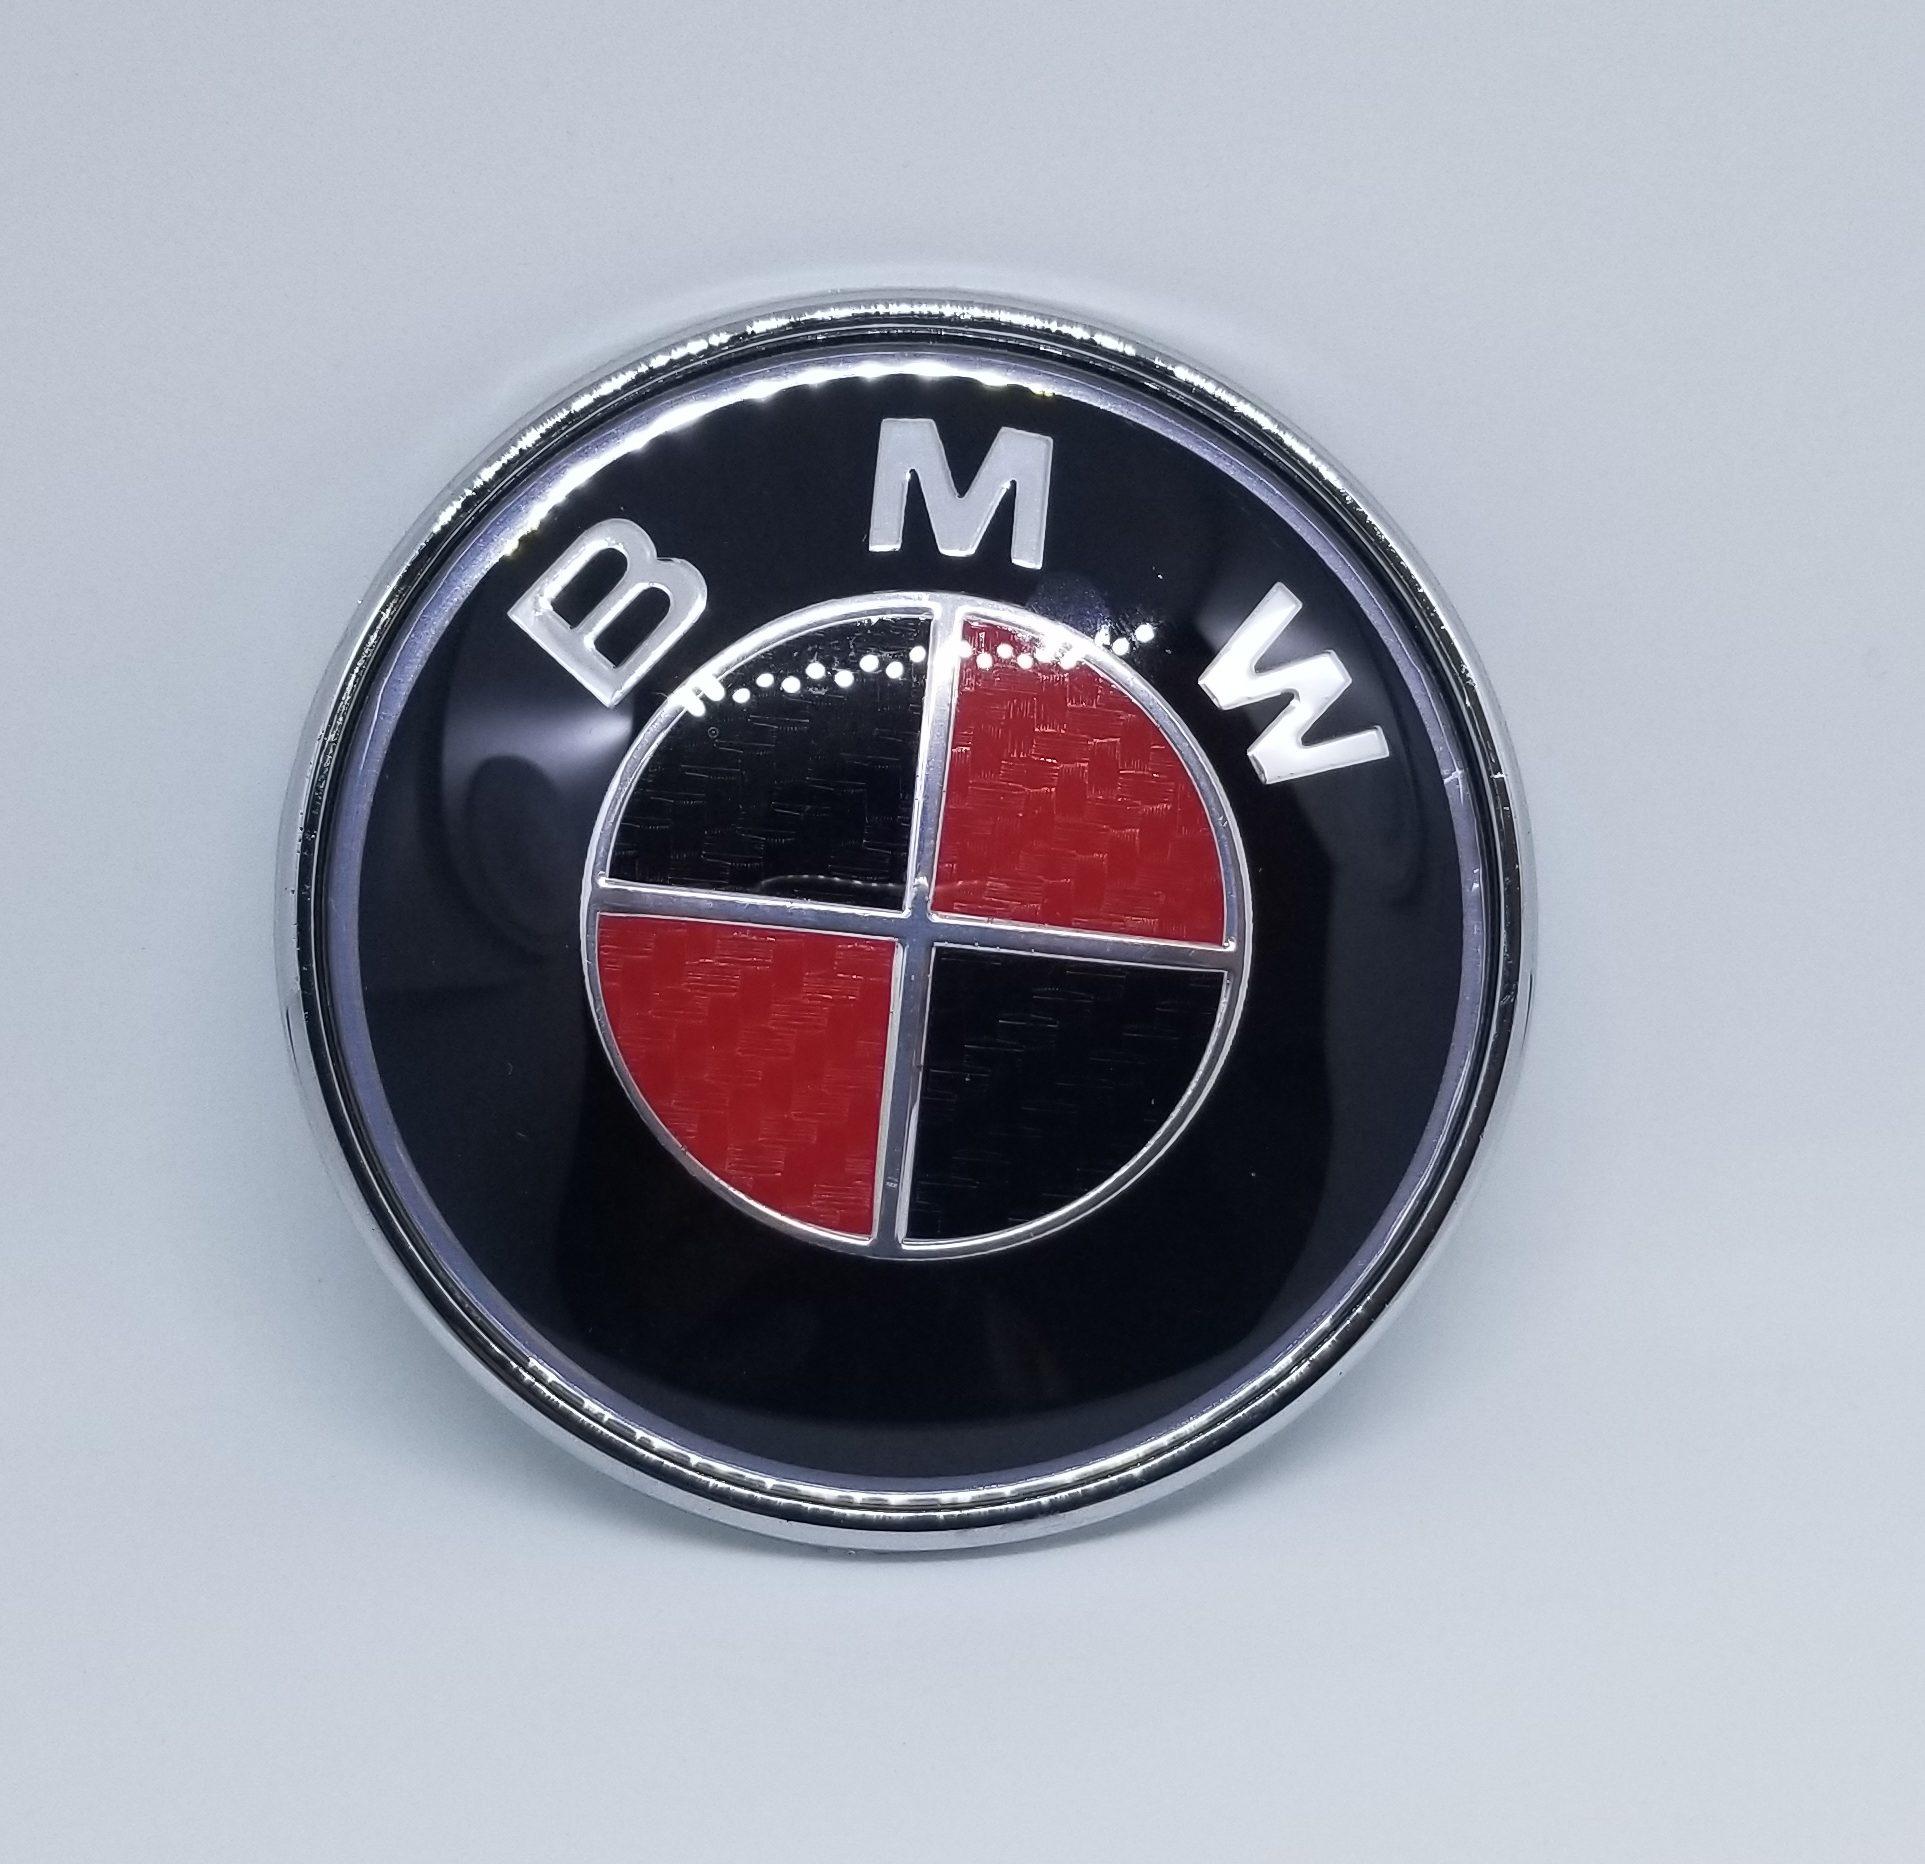 BMW Carbon Fiber Logo Emblem for Hood and Trunk.